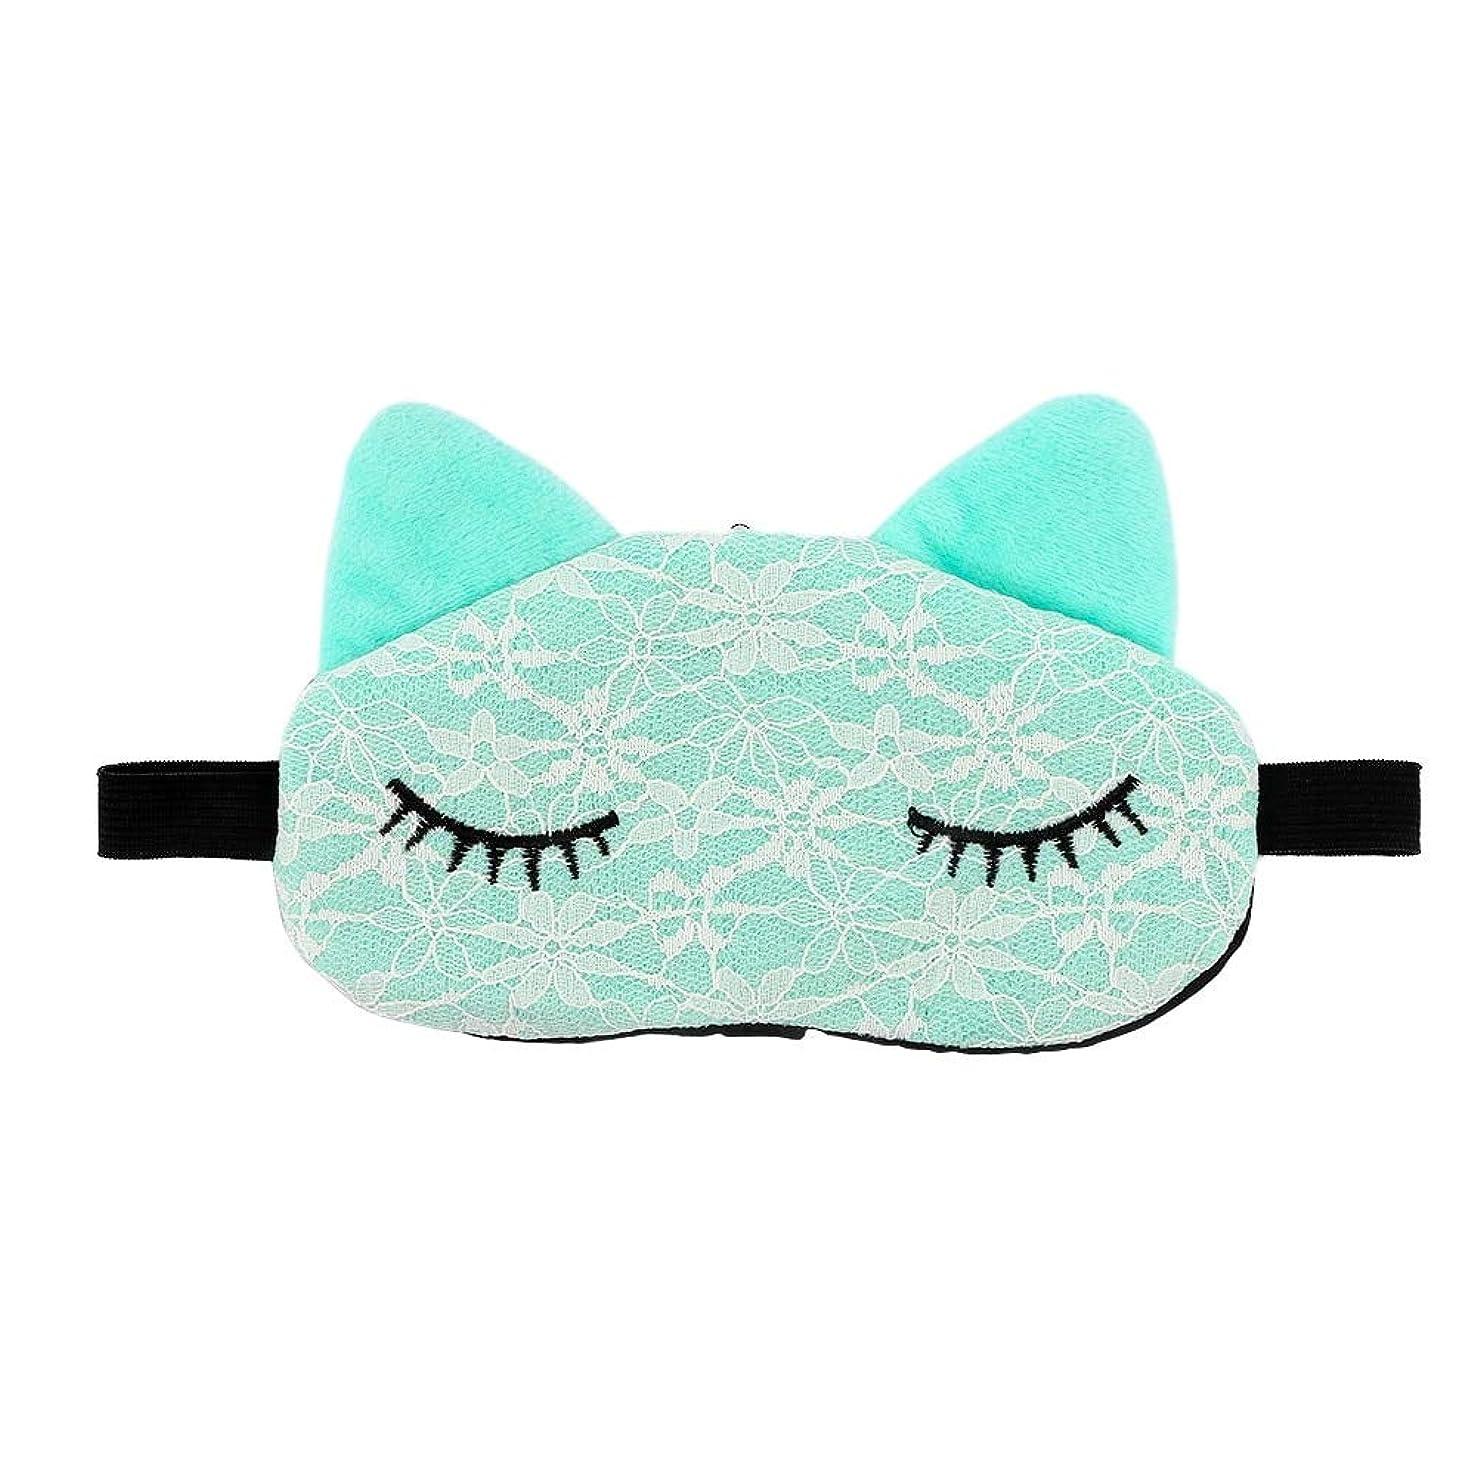 敬の念ご覧ください阻害するNOTE 新しい1ピース睡眠アイマスクカバー漫画レース猫タイプアイパッチマスクカバーシールドライト睡眠ヘルスケア目隠し